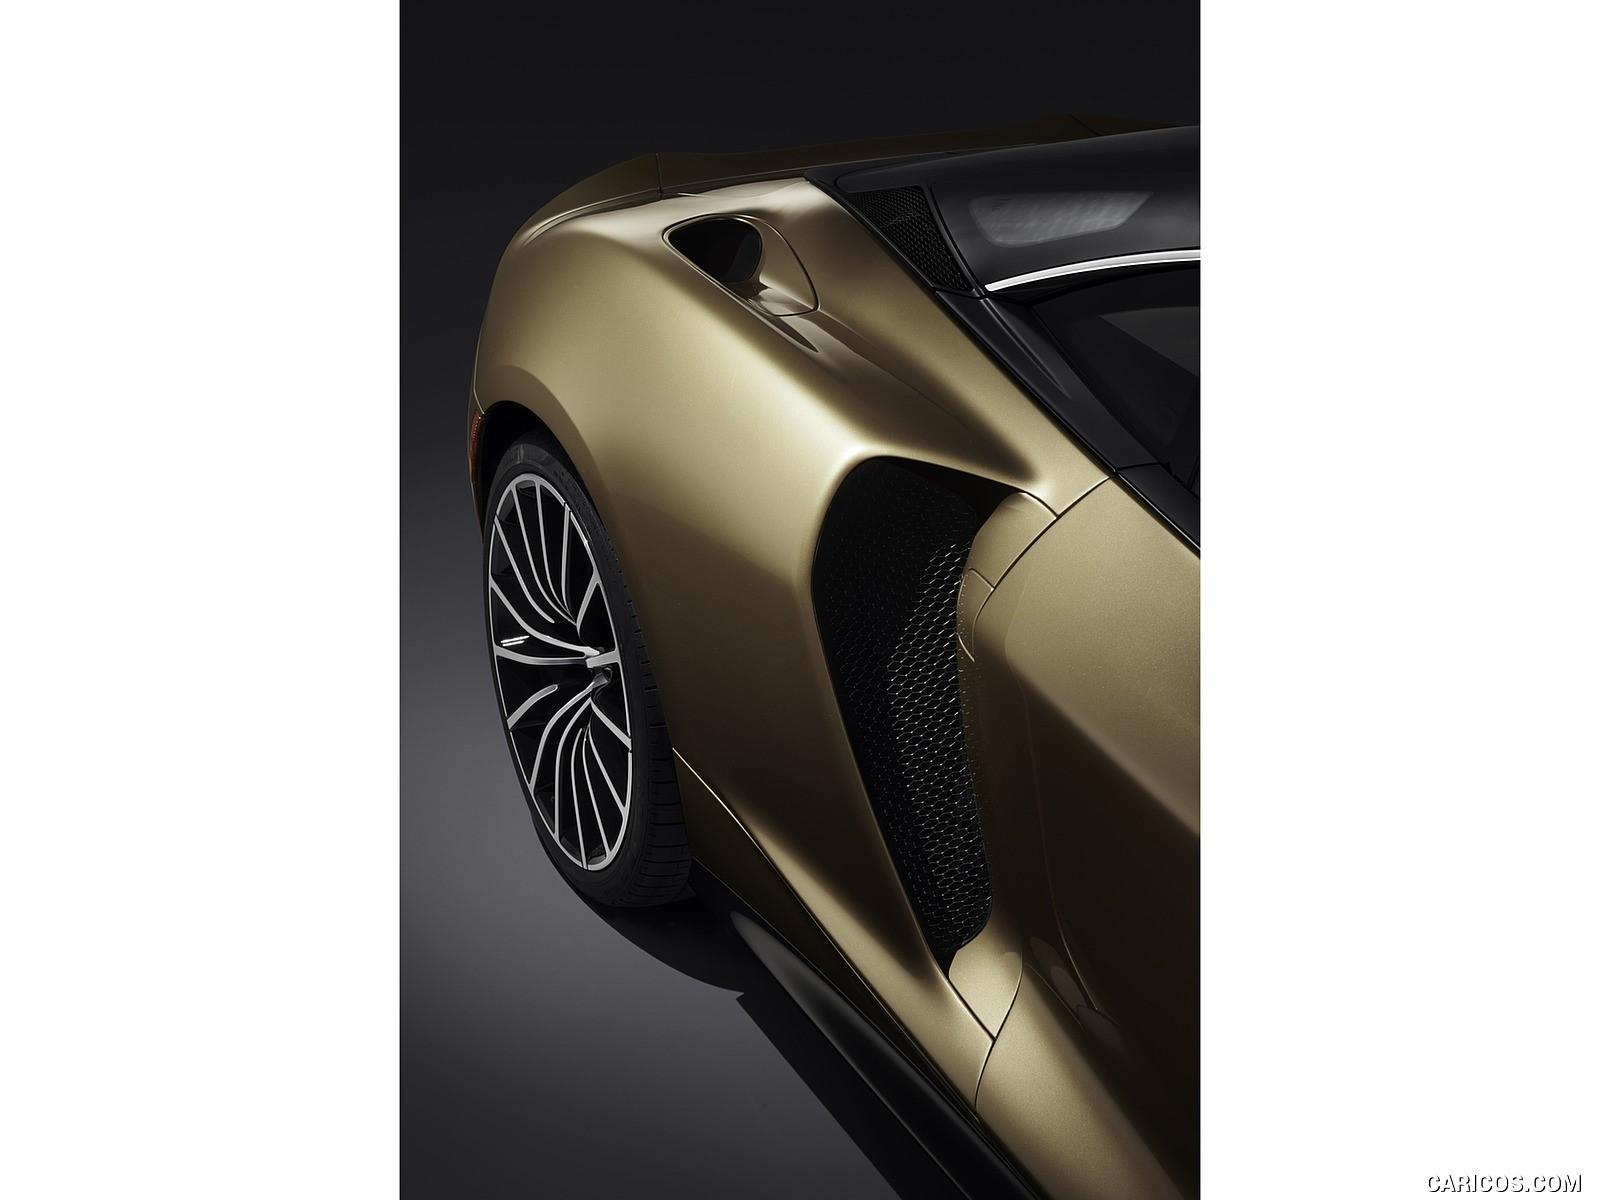 McLaren GT uhd wallpaper